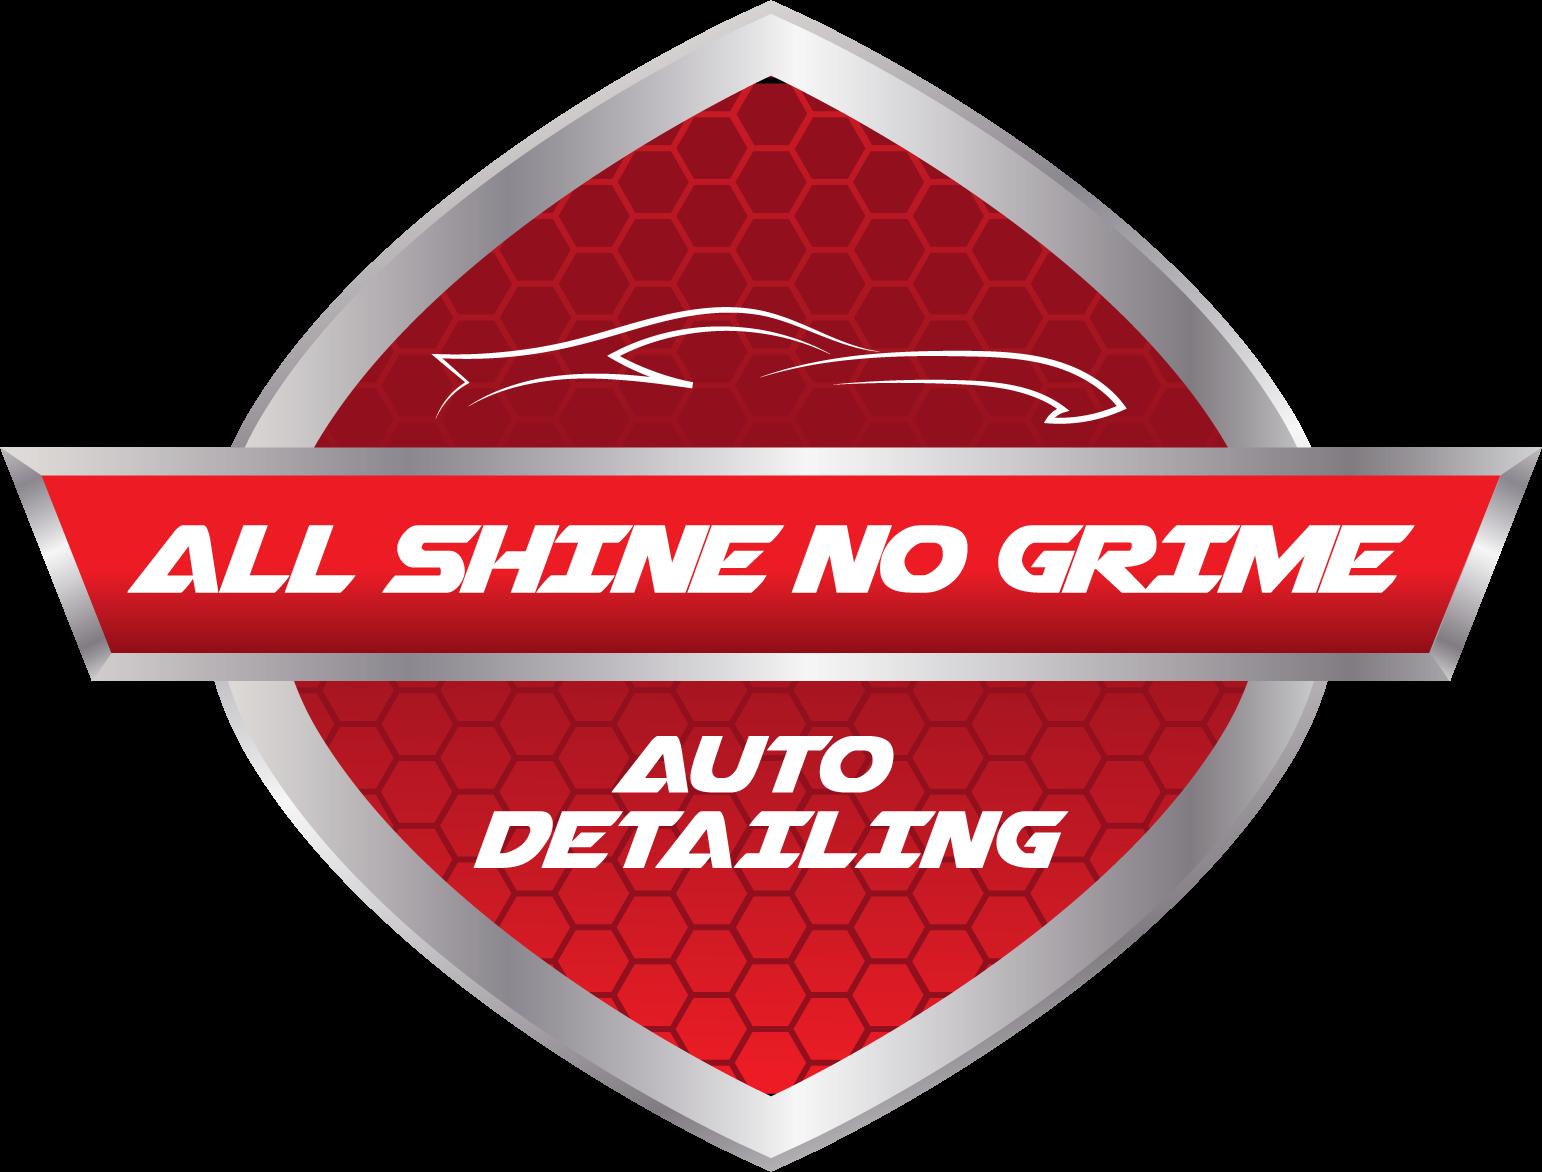 5f1e3c92-4dd8-430e-b369-ee870f716ba739565070_All Shine No grime